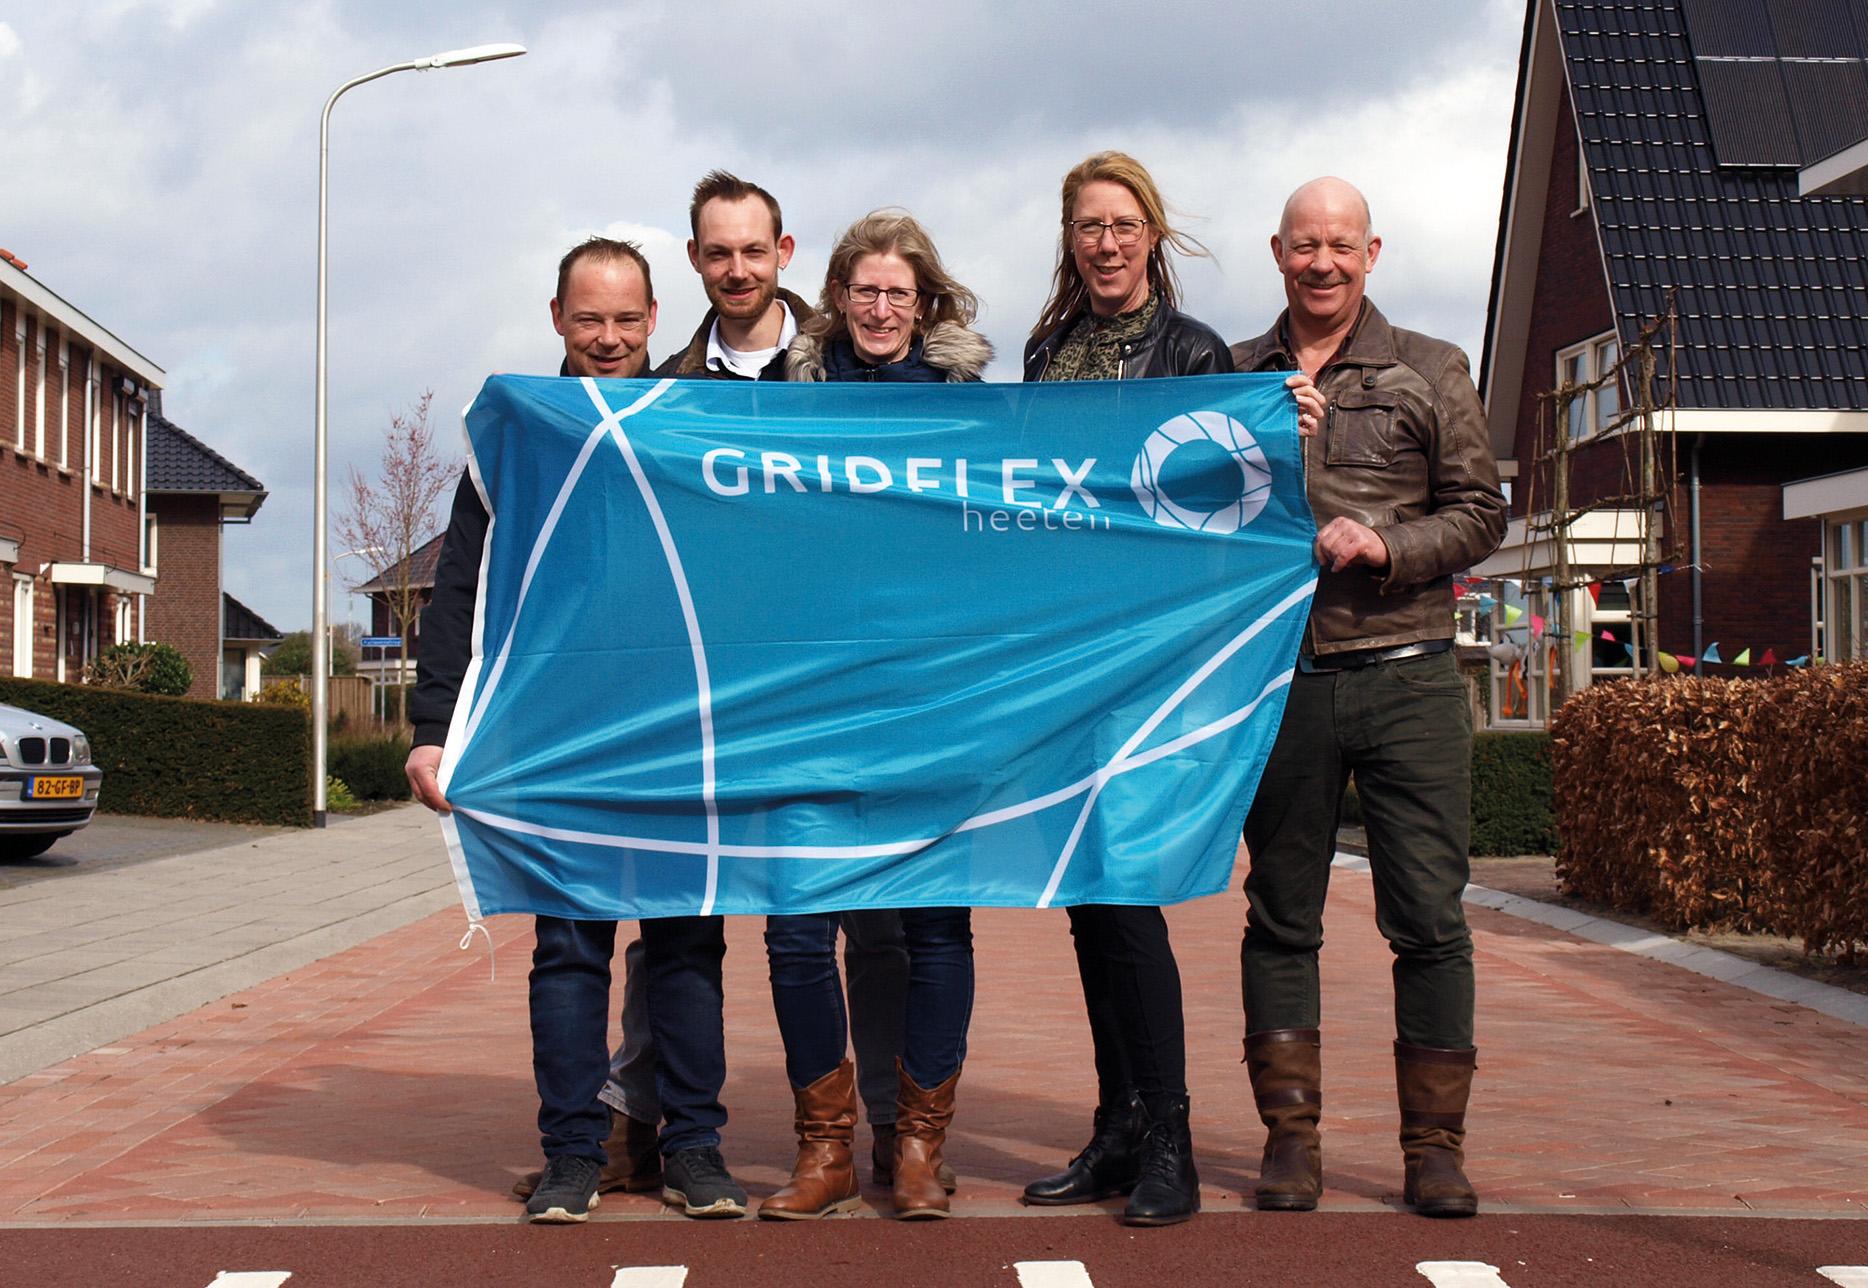 GridFlex volop in uitvoering